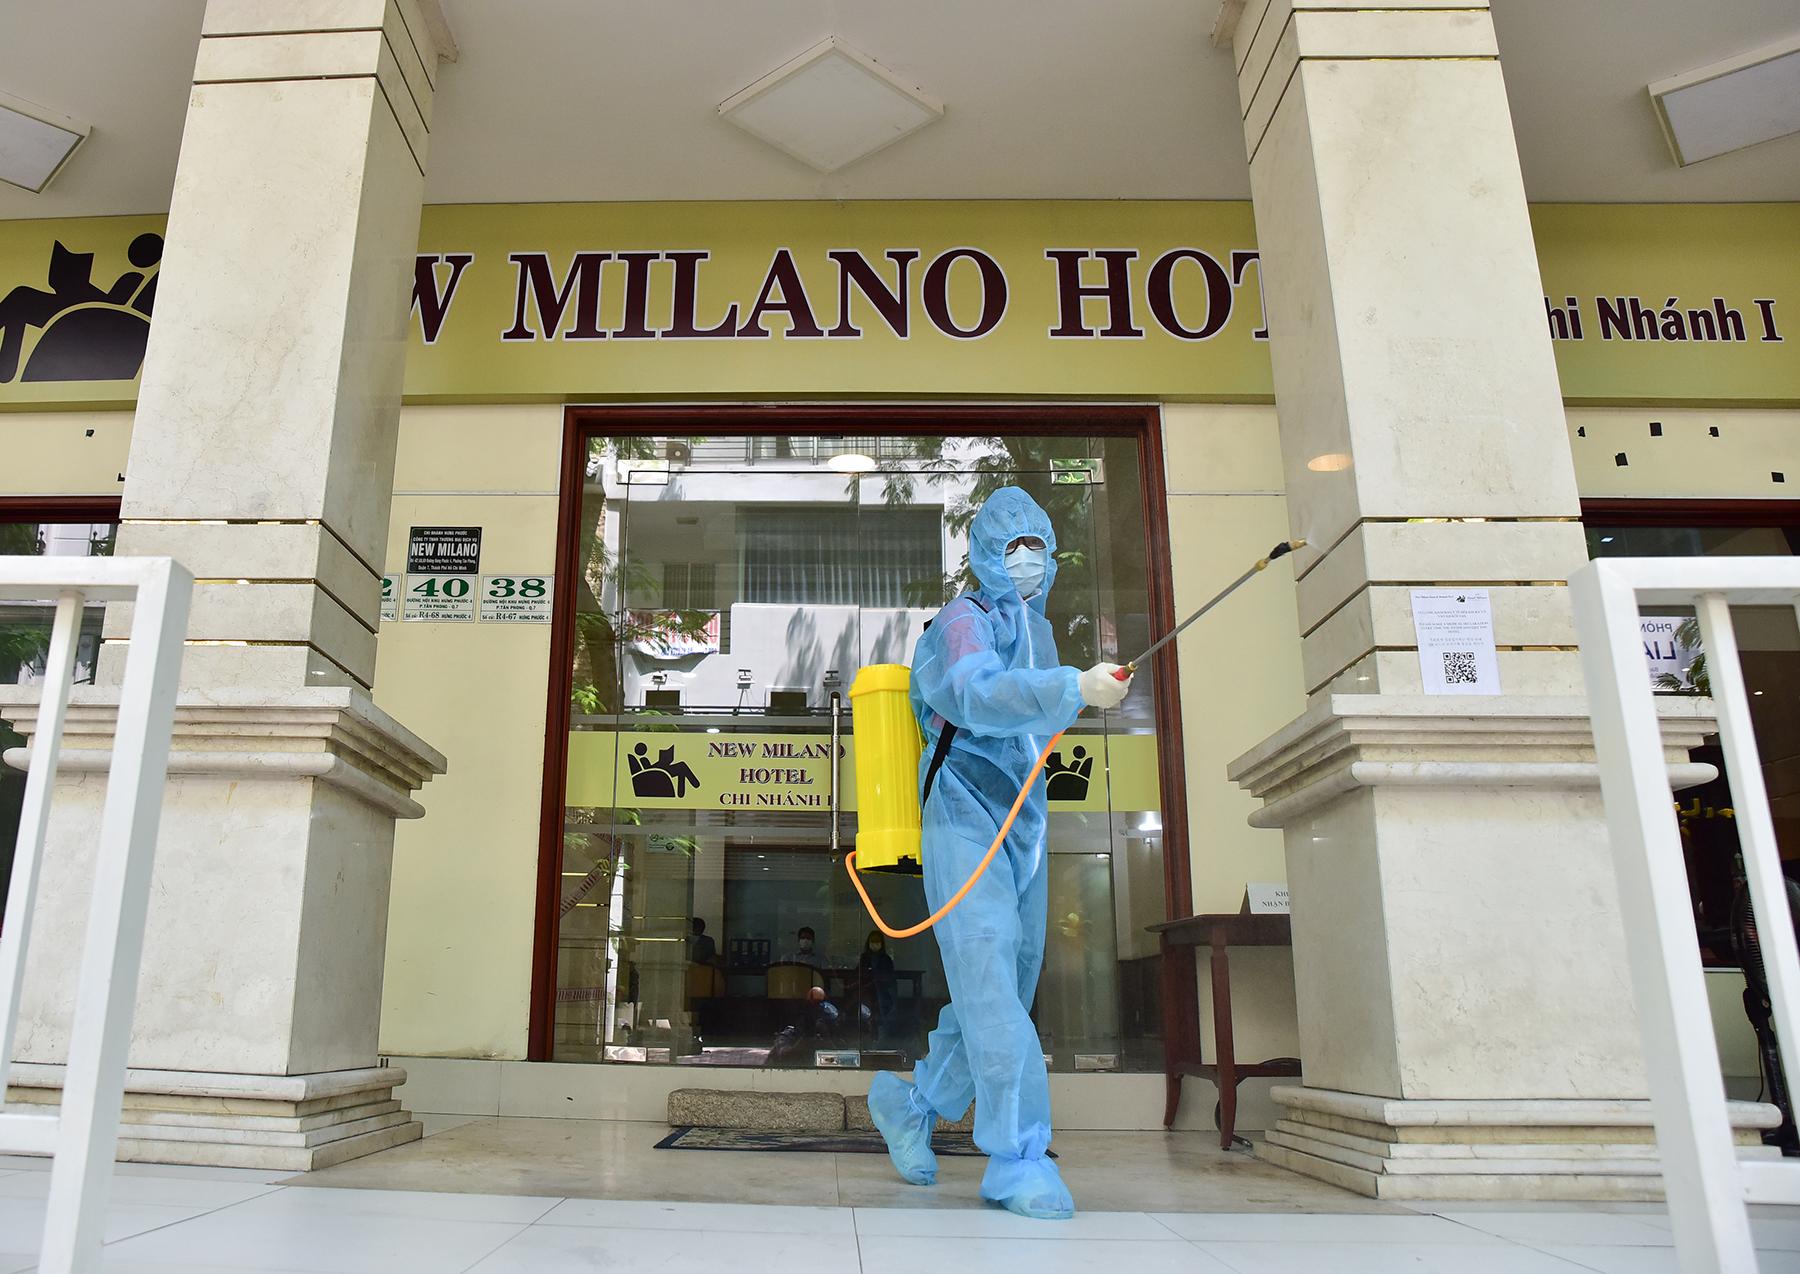 Khử khuẩn tại khu vực khách sạn nơi đội tuyển Việt Nam cách ly ở TP.HCM - 2